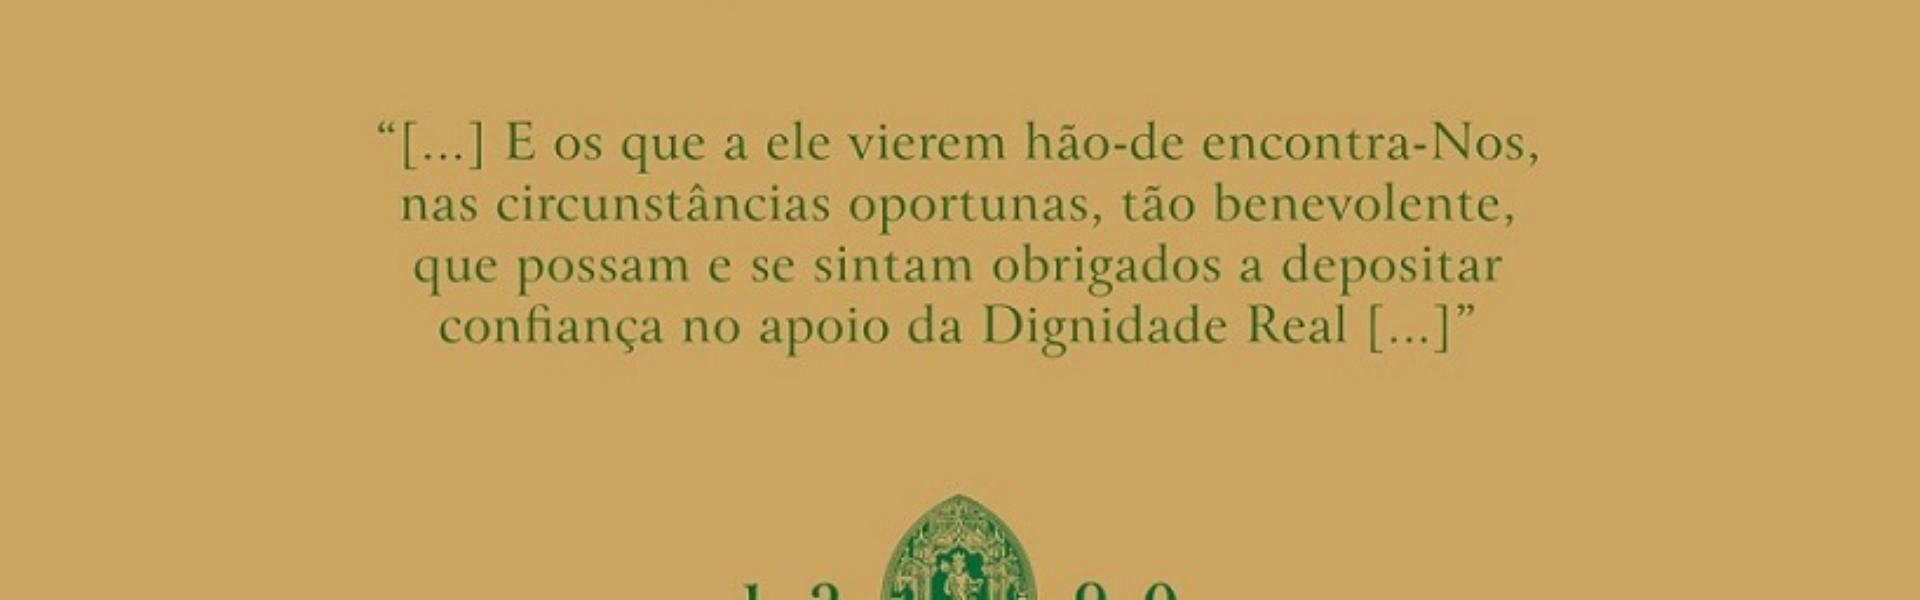 O DOCUMENTO DE D. DINIS | VISTO À LUPA